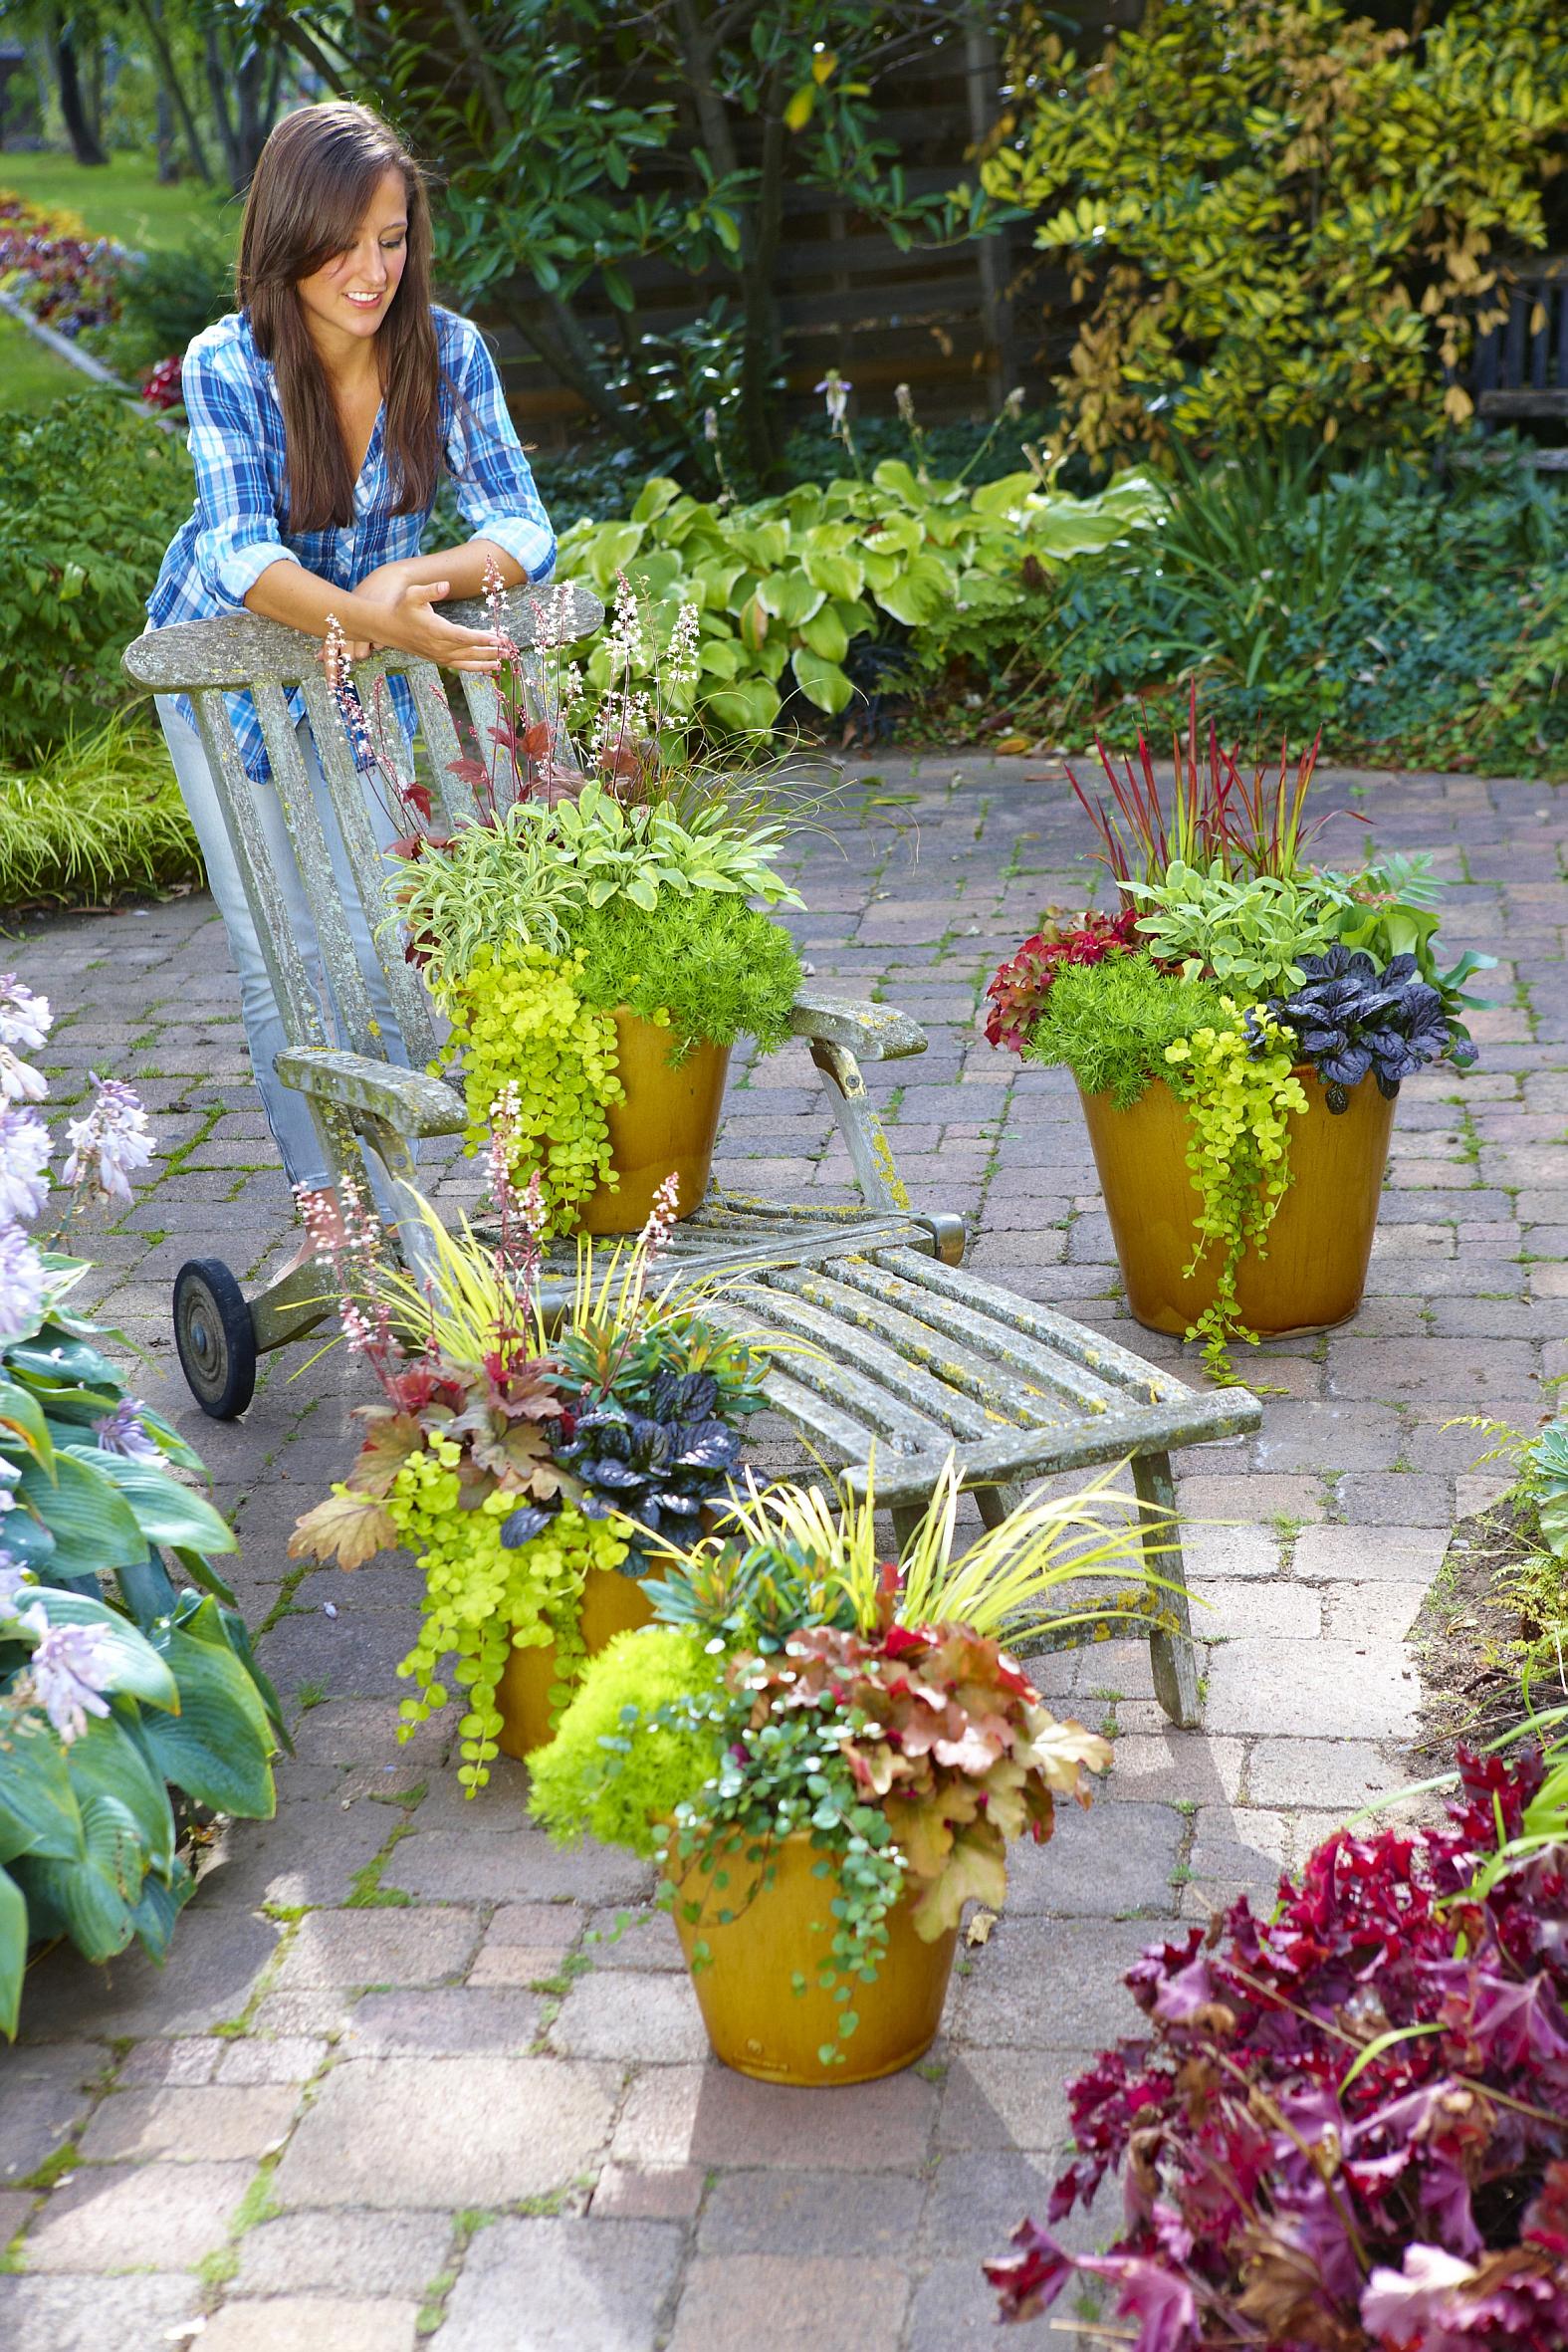 willkommen herbst dekorative pflanzen f r beet k bel und kasten das gr ne medienhaus. Black Bedroom Furniture Sets. Home Design Ideas